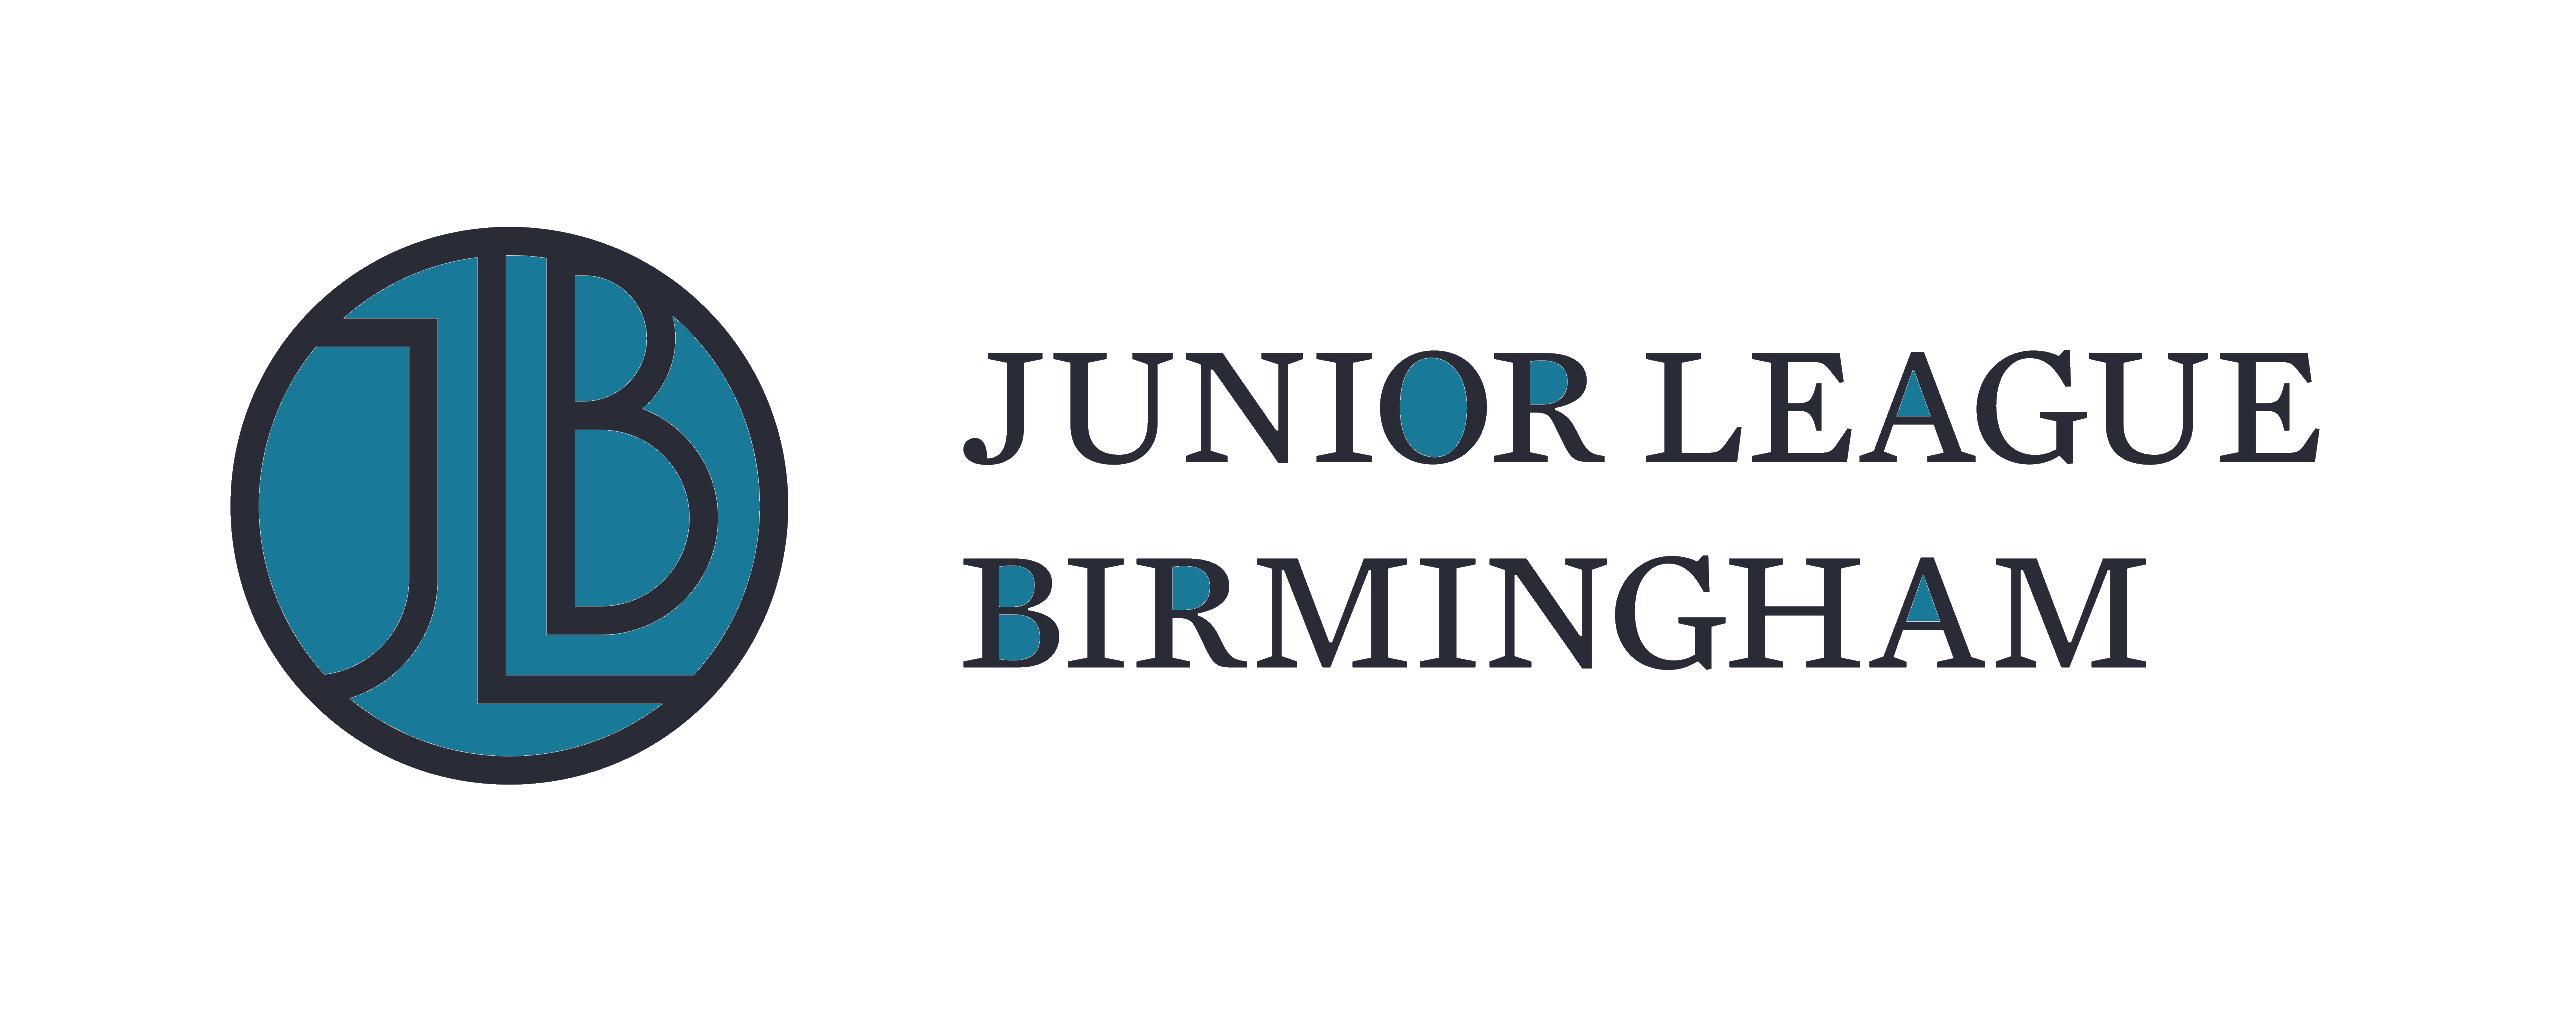 The Junior League of Birmingham